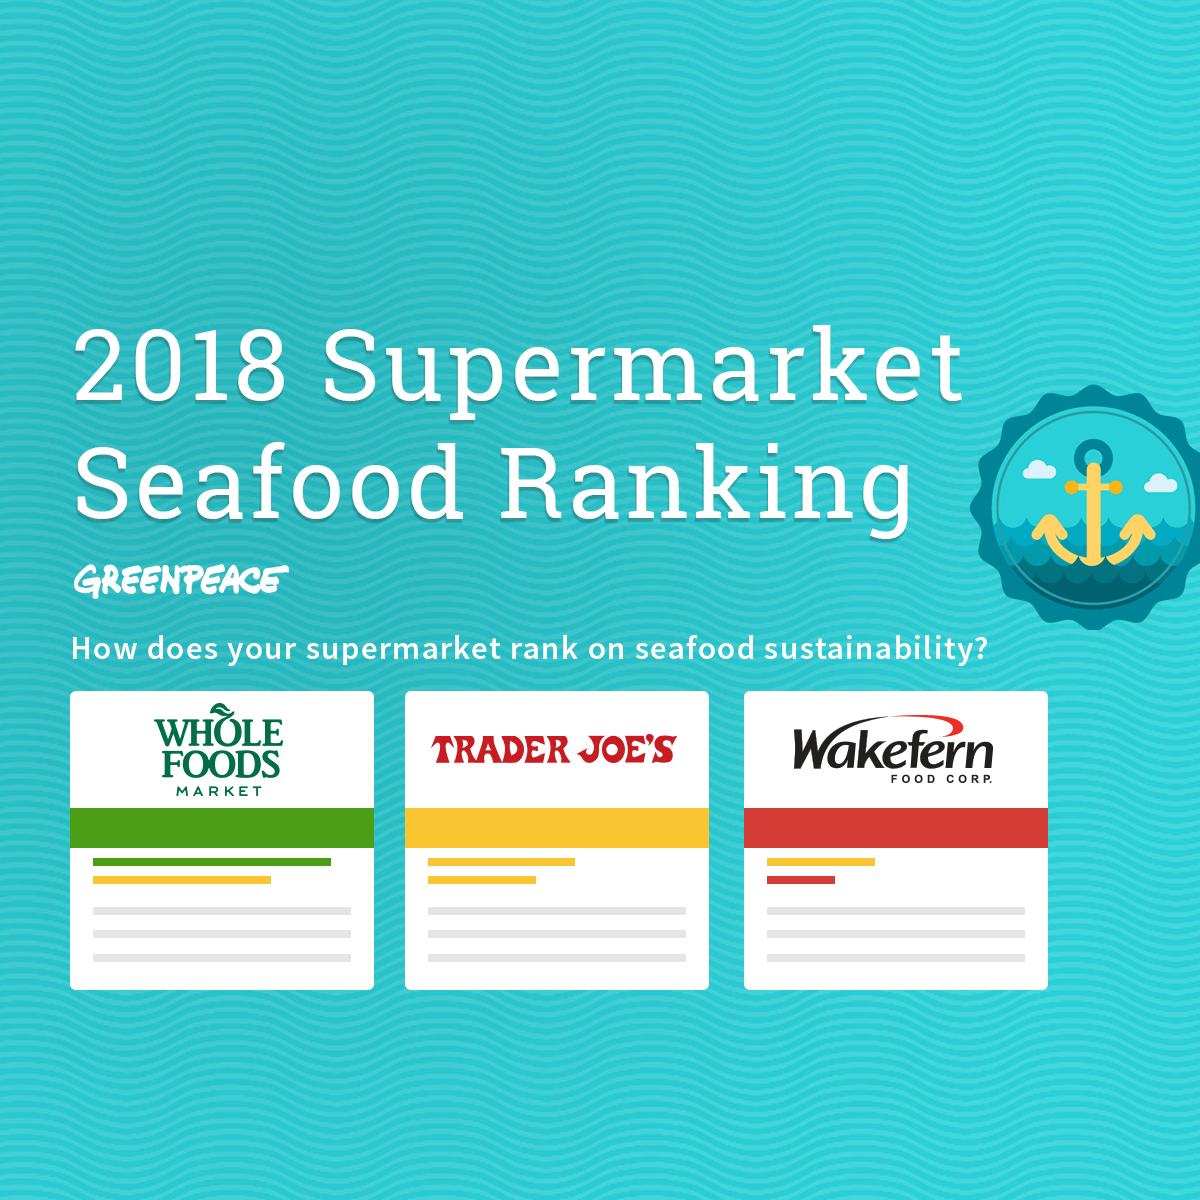 2018 Supermarket Seafood Ranking